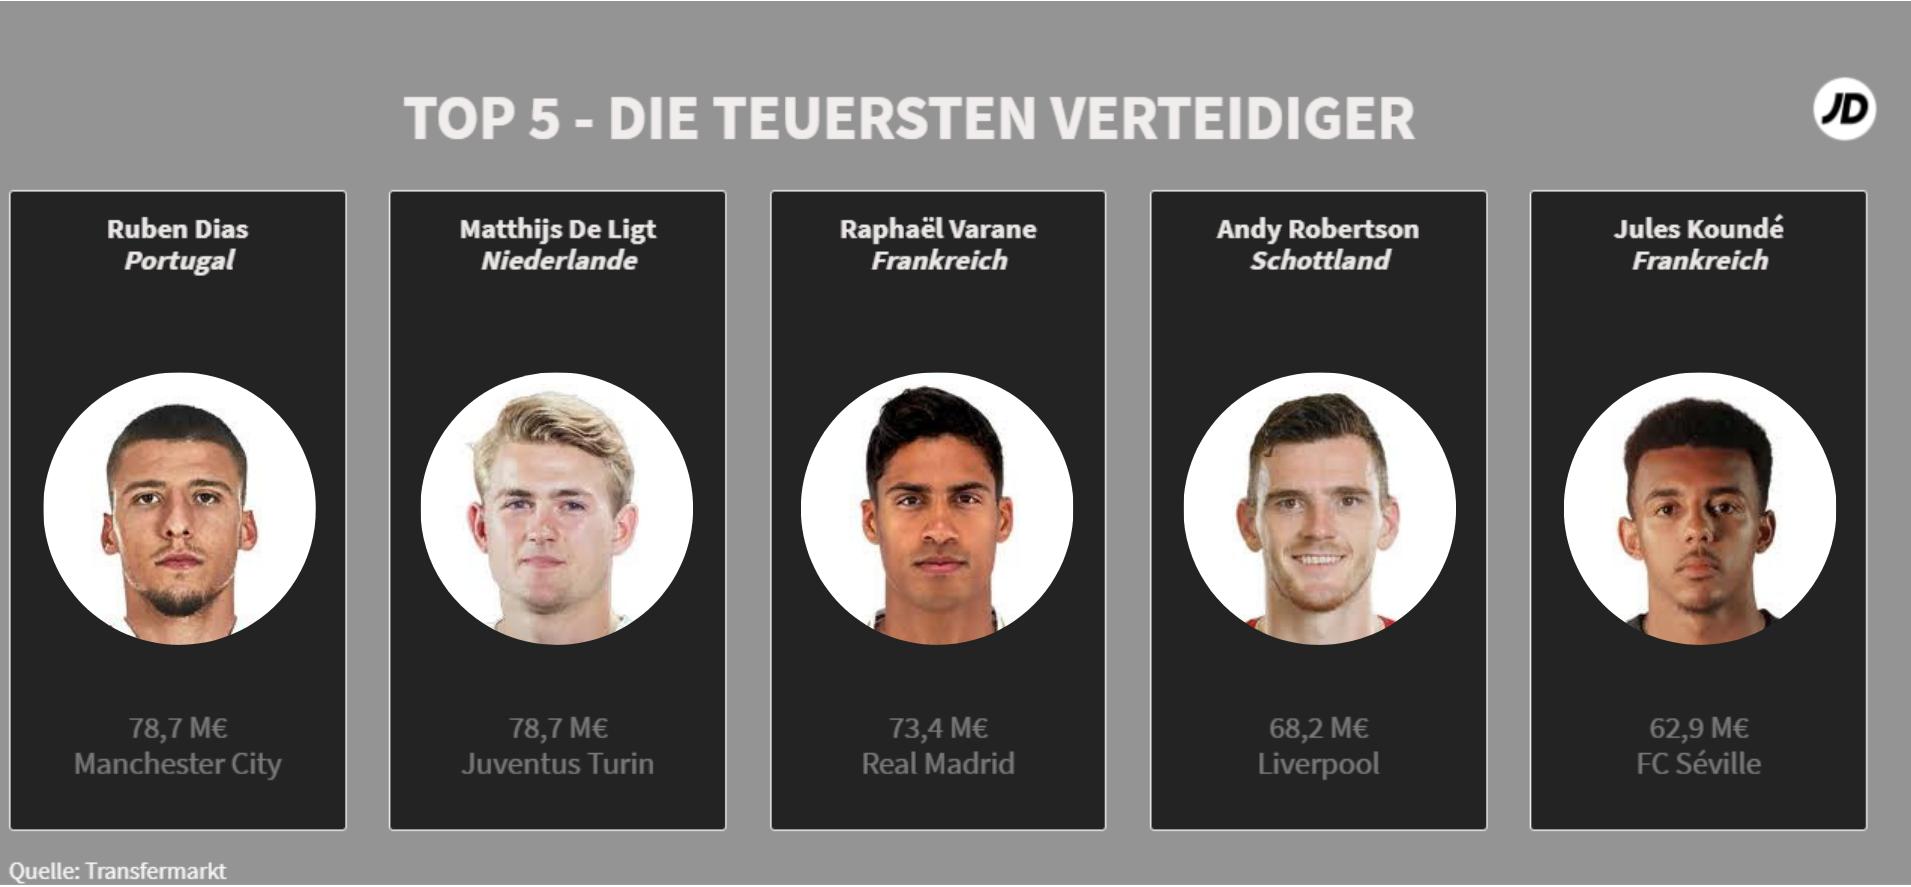 Top-5-Die-teuersten-Verteidiger-der-EM-2020_JD-Sports.